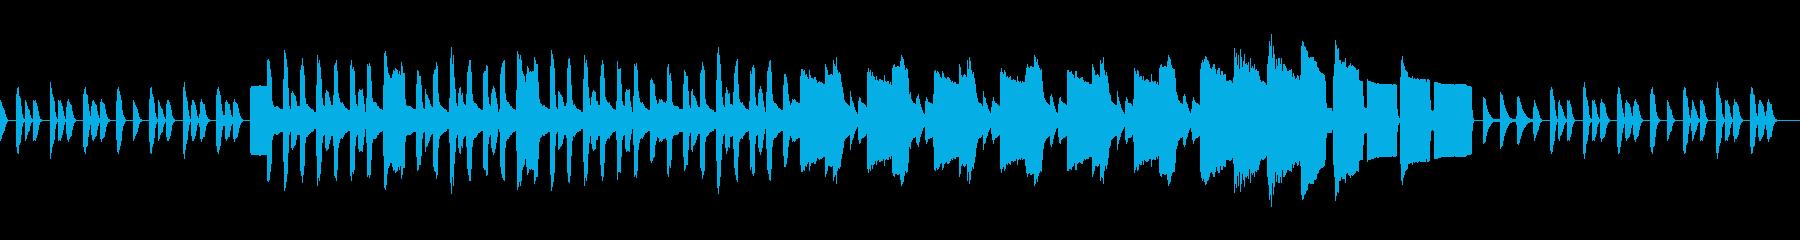 間抜けなシーンの曲の再生済みの波形